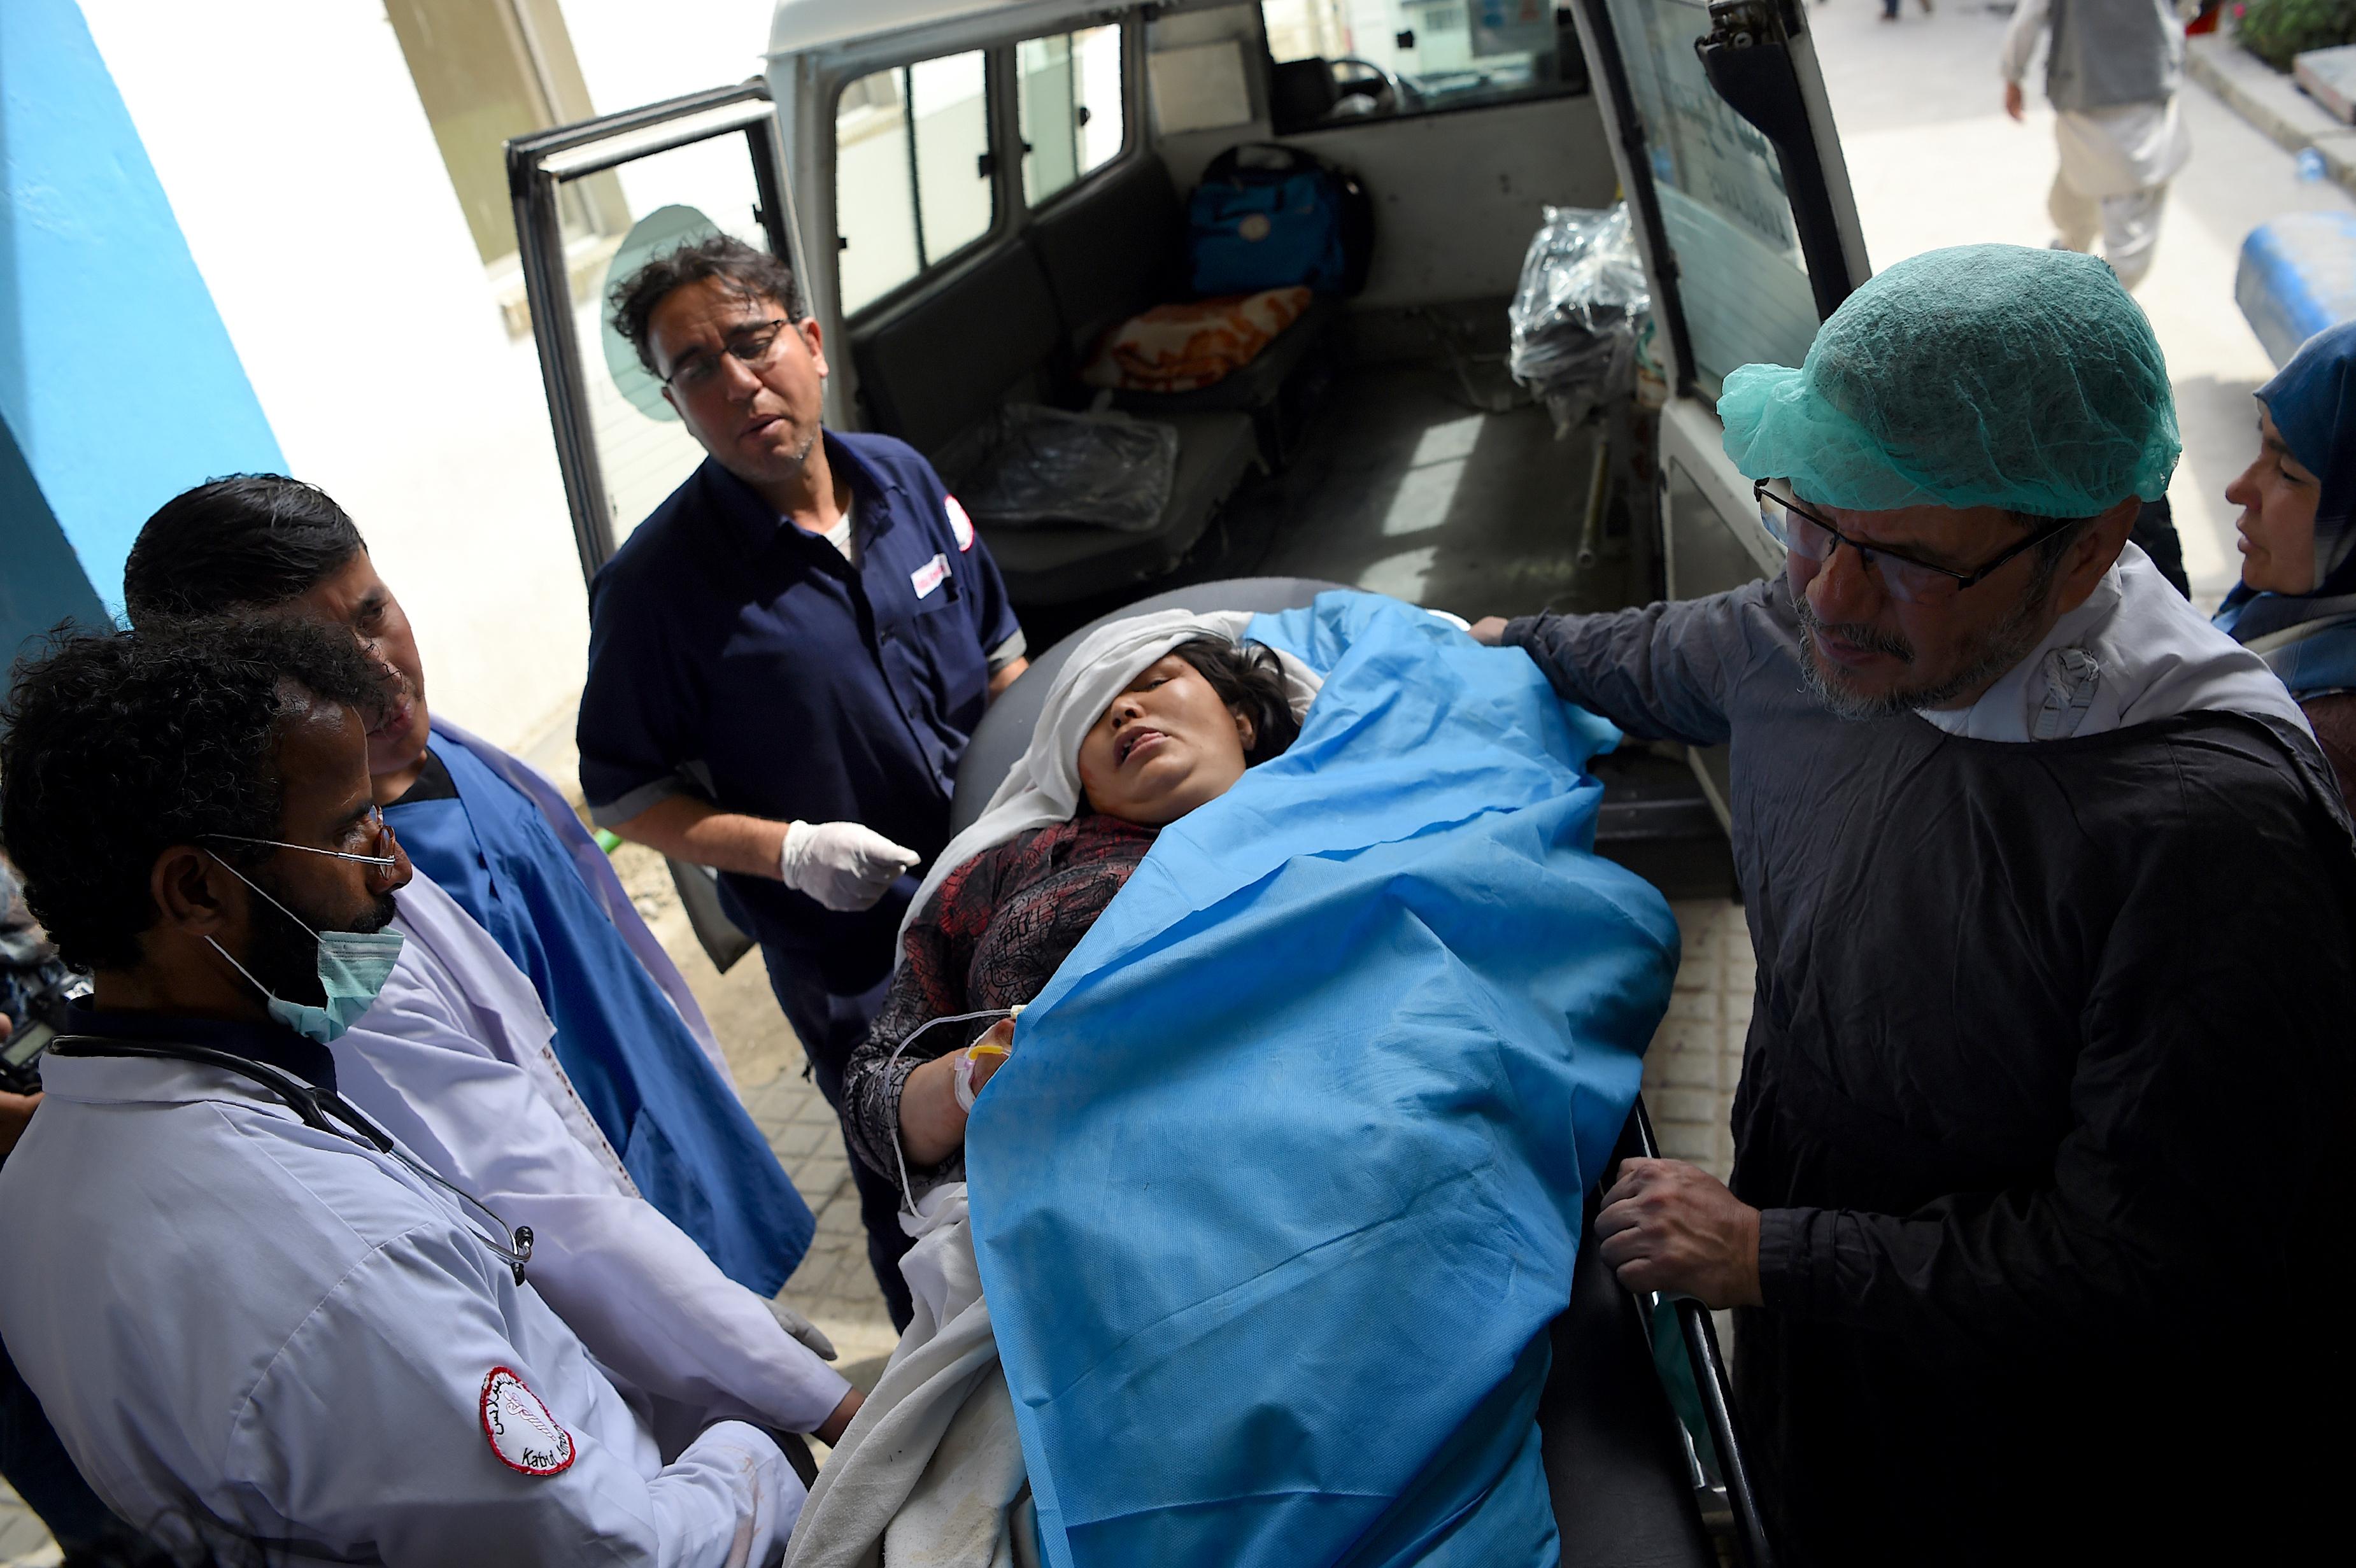 در یک حملهء انتحاری در نزدیکی وزارت احیا و انکشاف دهات در کابل ۱۳ تن کشته و ۳۱ تن زخمی شدند